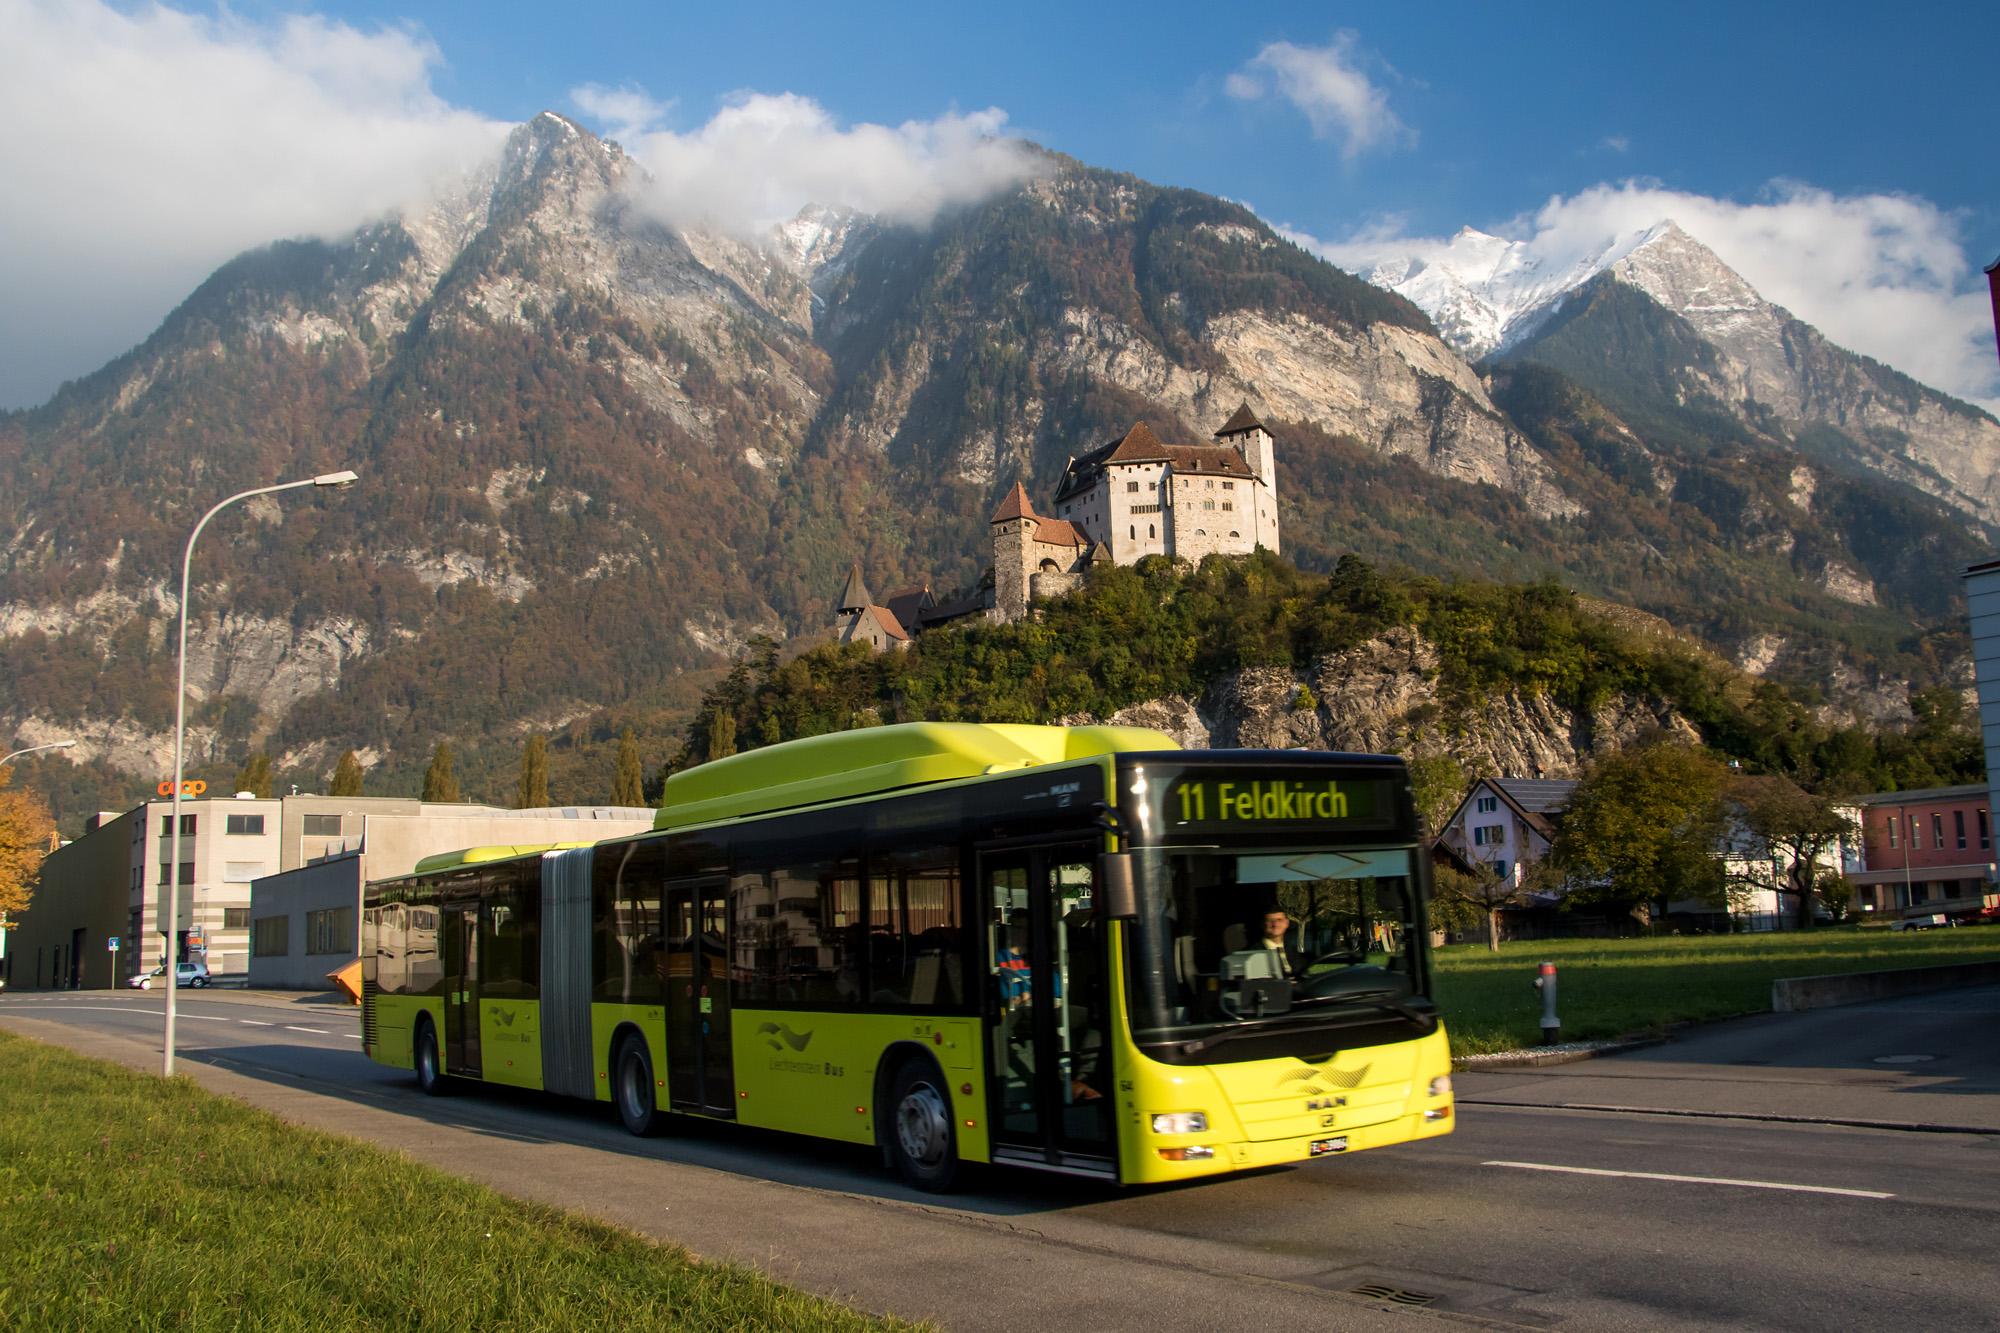 Direkt am Wegesrand grüsst das Schloss Balzers seit Jahrhunderten die Reisenden. Und natürlich auch täglich die für Liechtenstein Bus fahrenden Postautos!